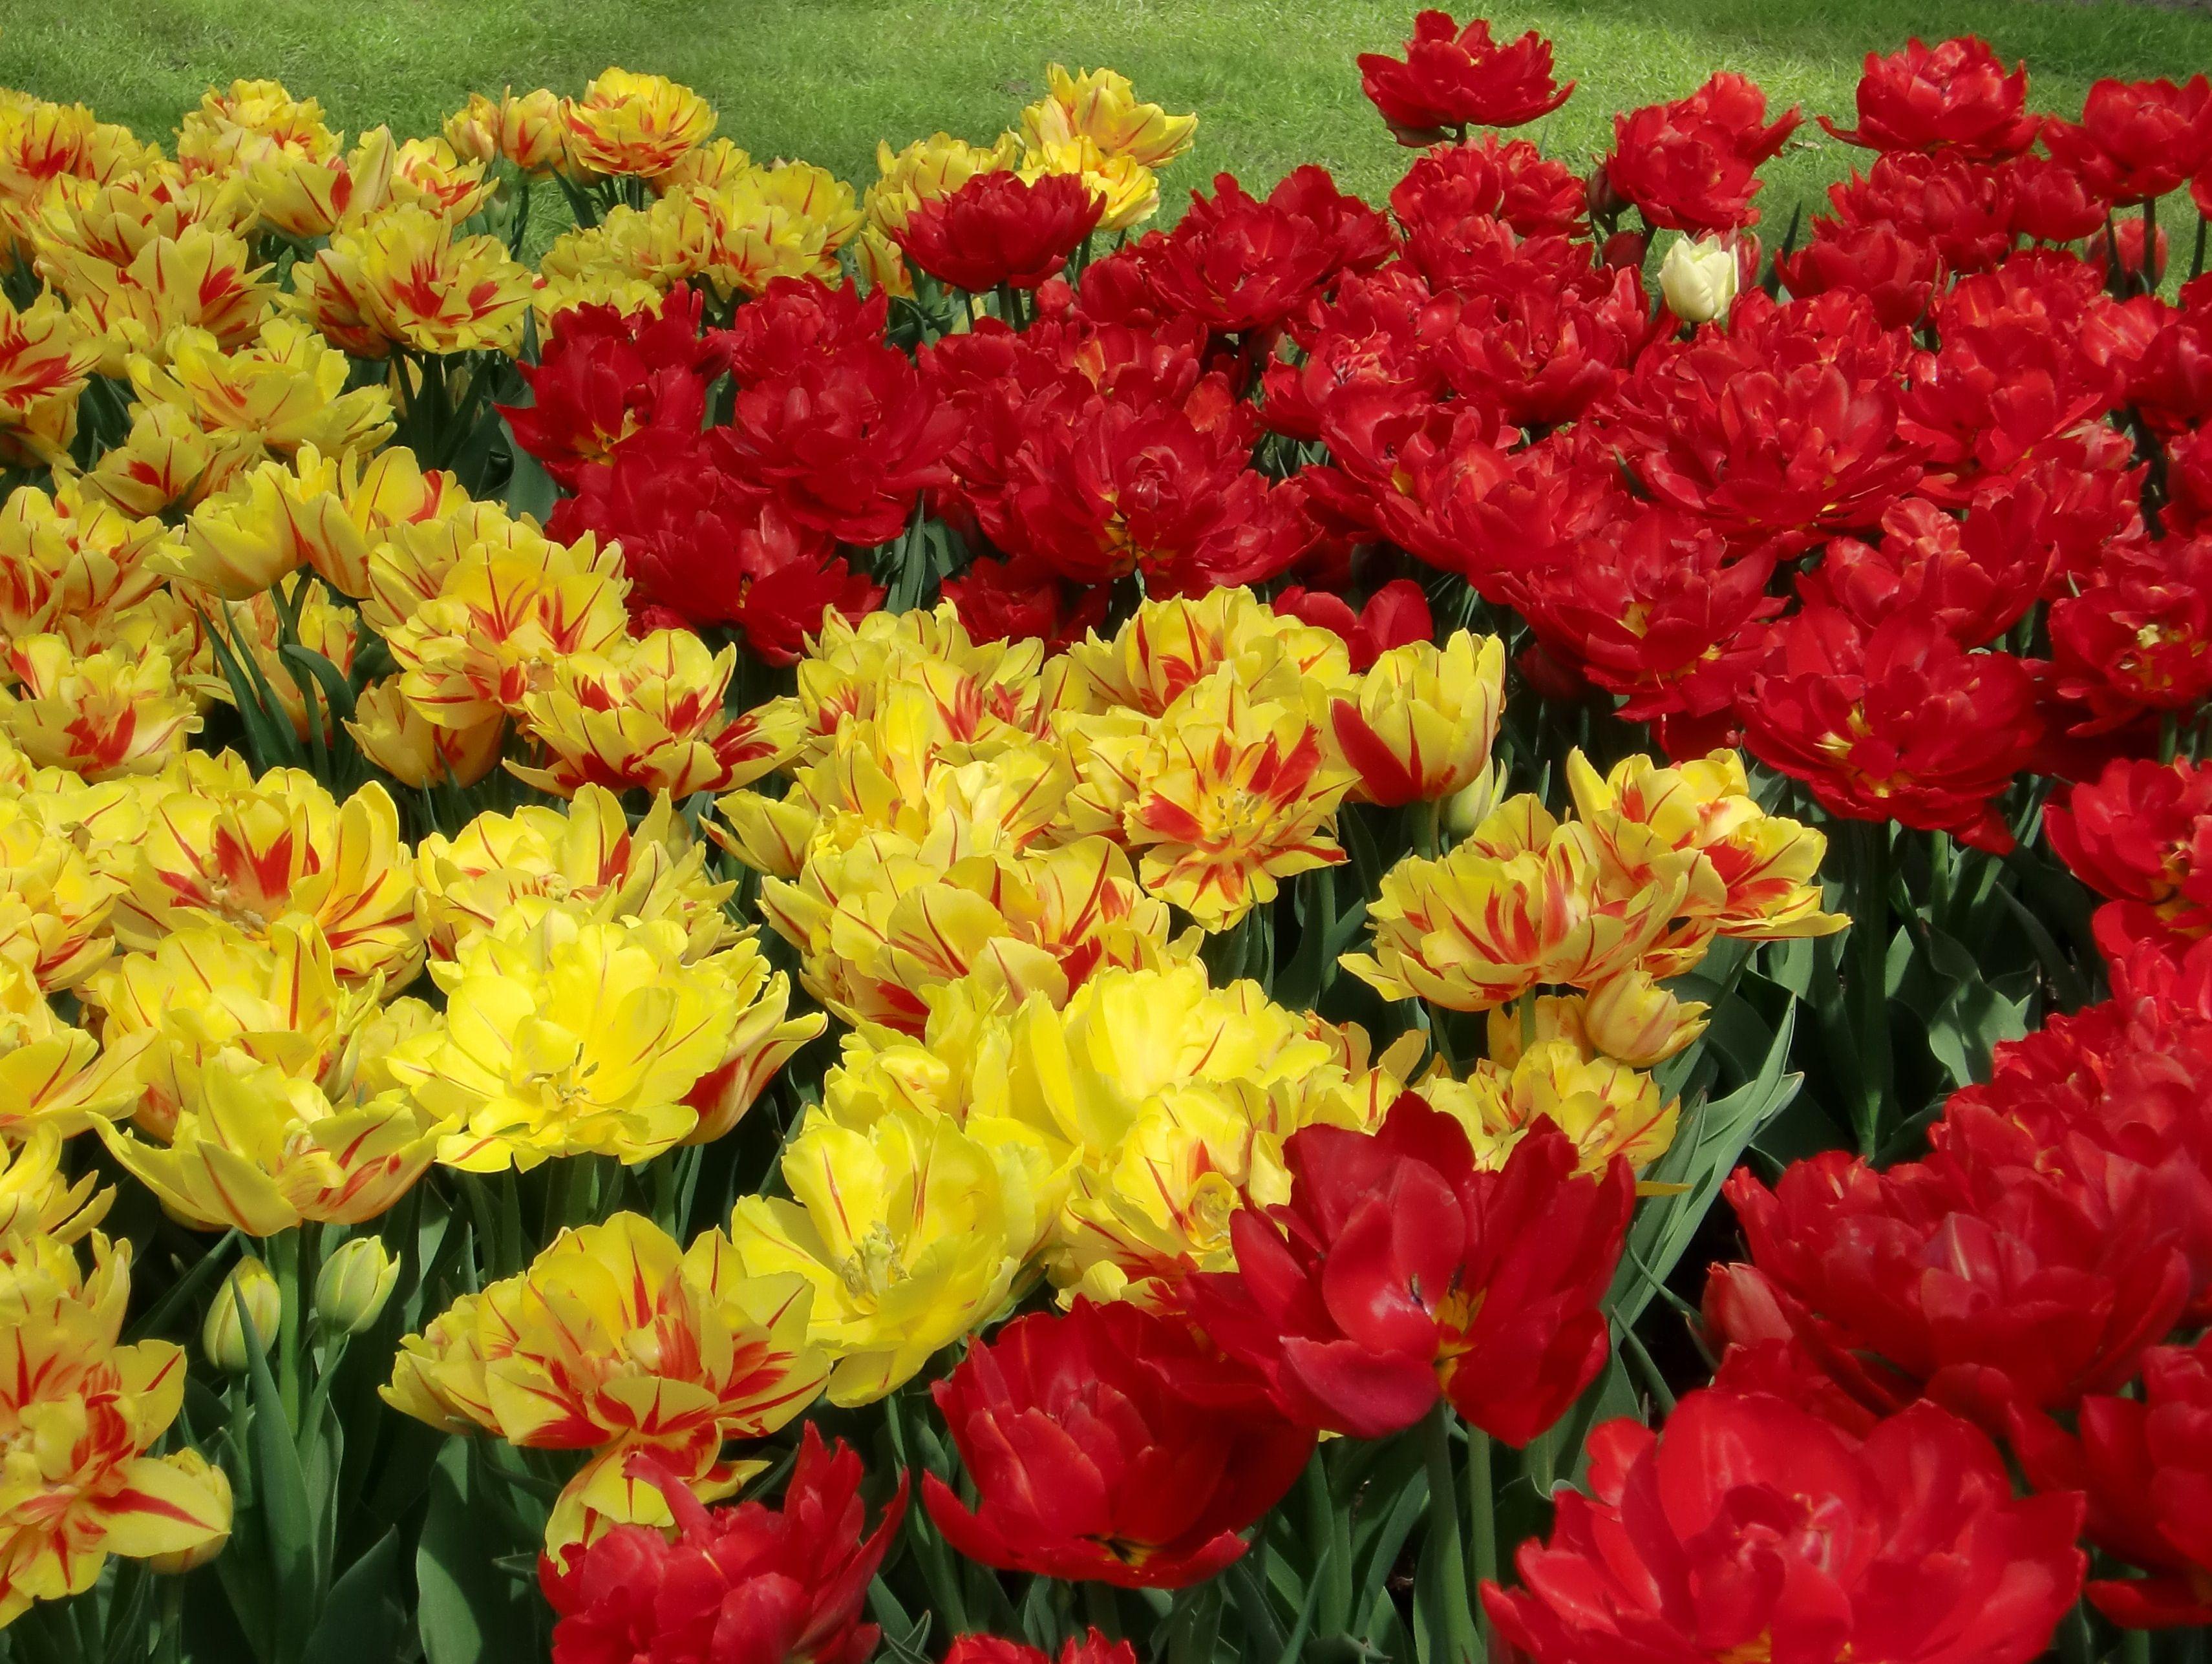 73359 скачать обои Тюльпаны, Цветы, Яркие, Клумба, Распущенные - заставки и картинки бесплатно